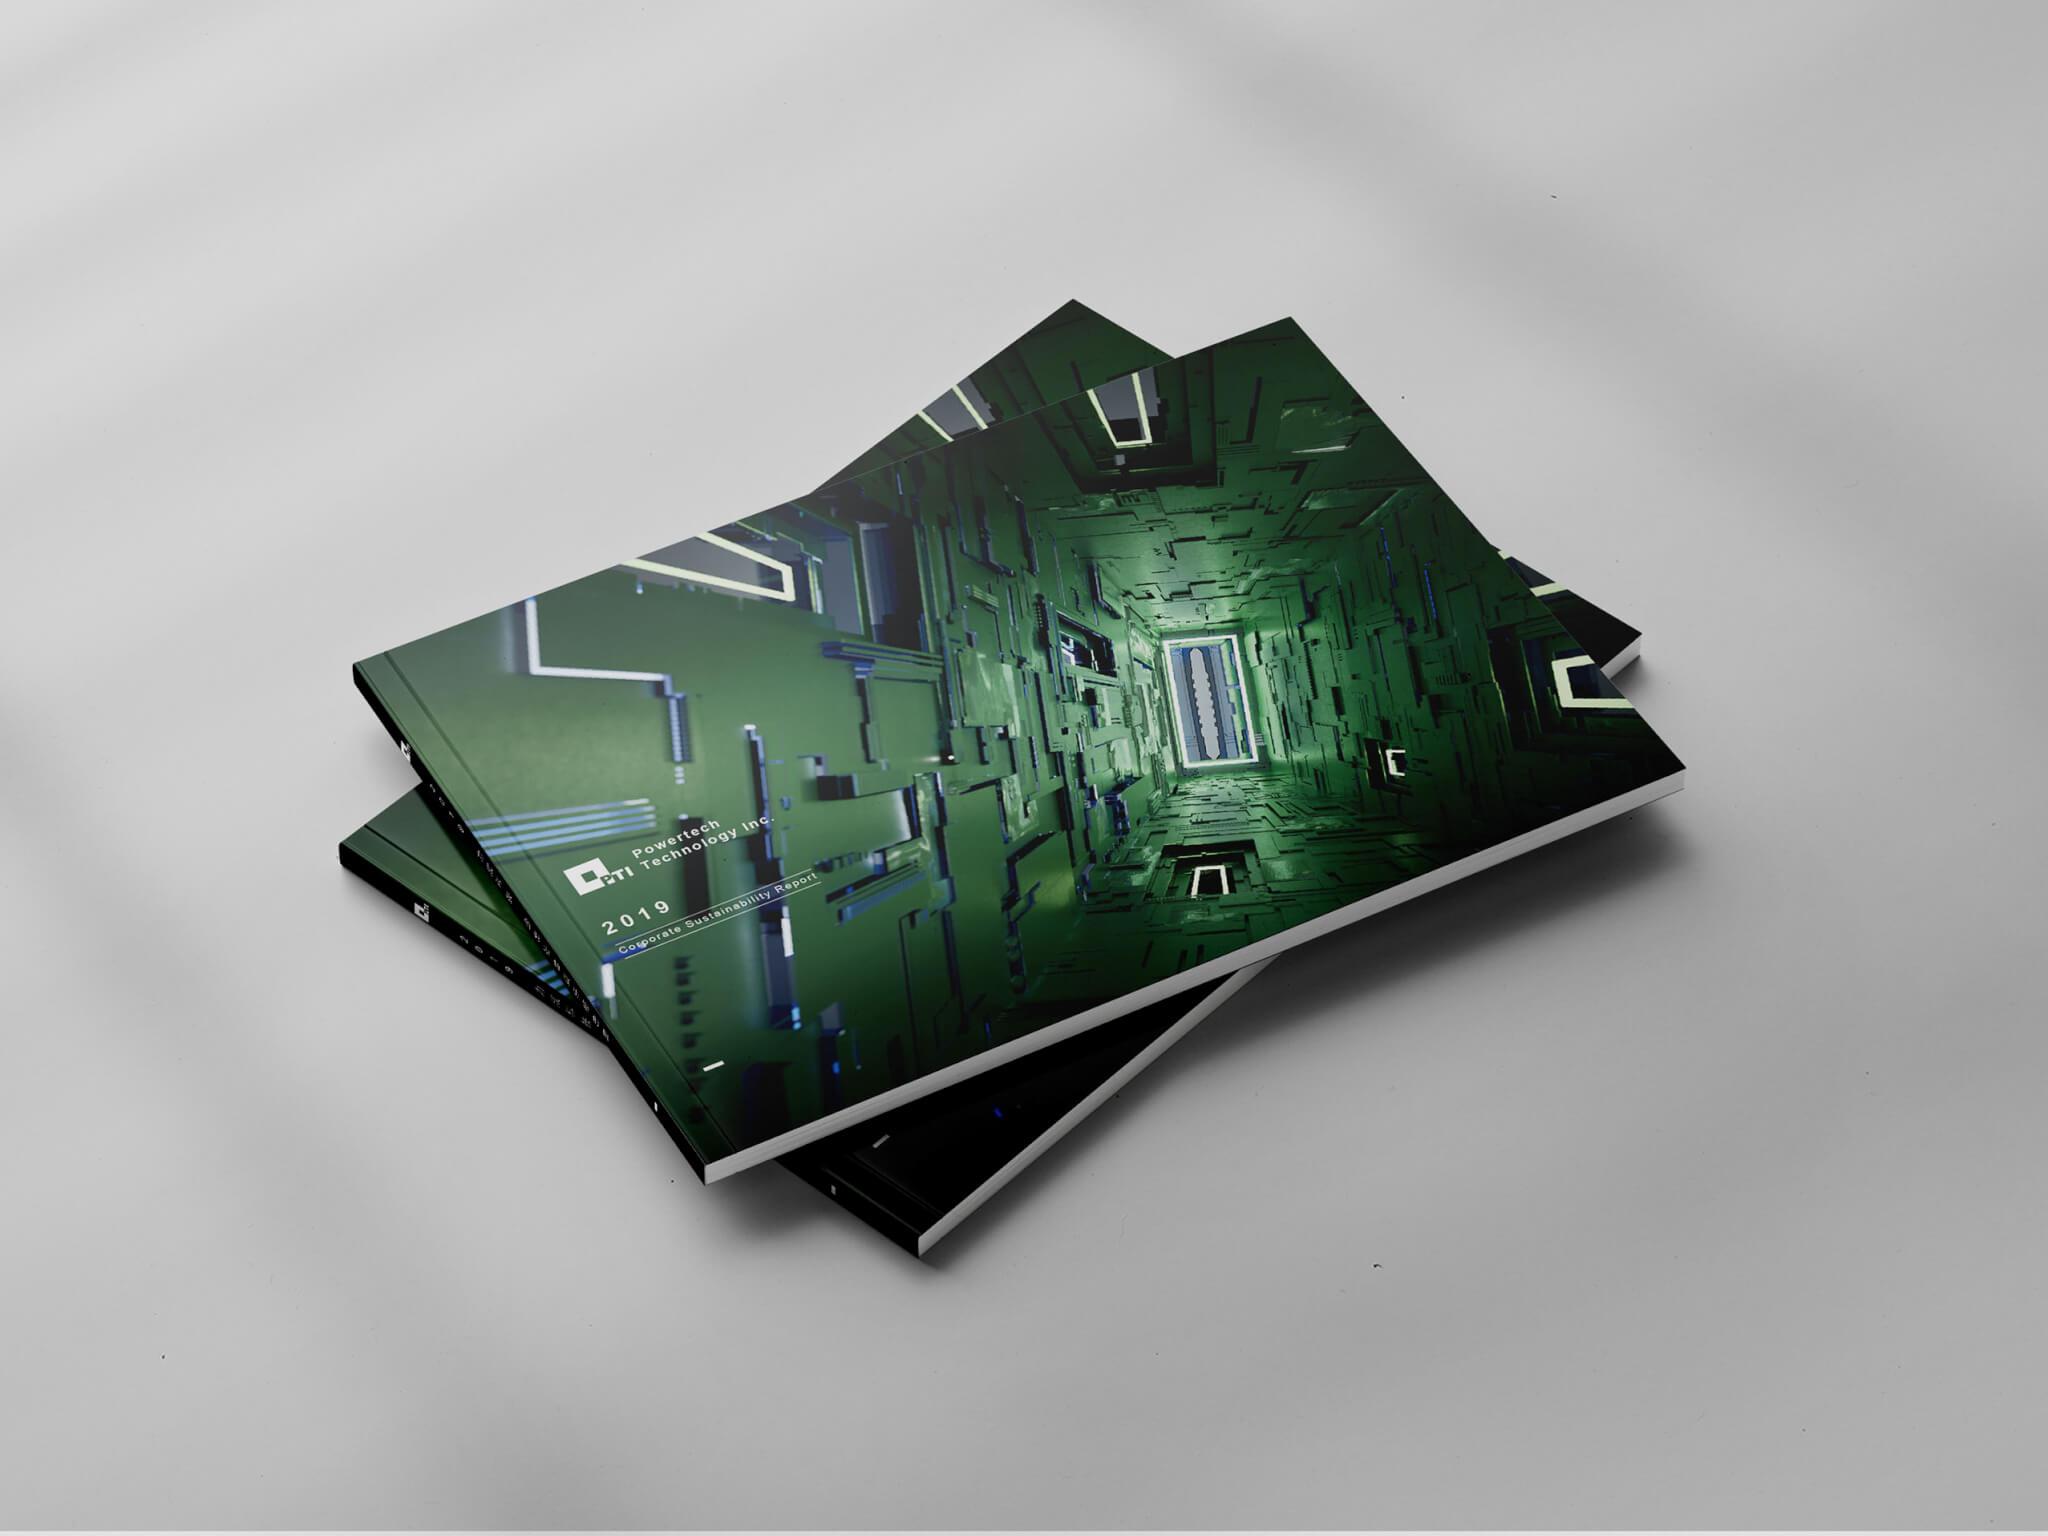 力成科技_2019企業社會責任報告書設計_手心設計_02